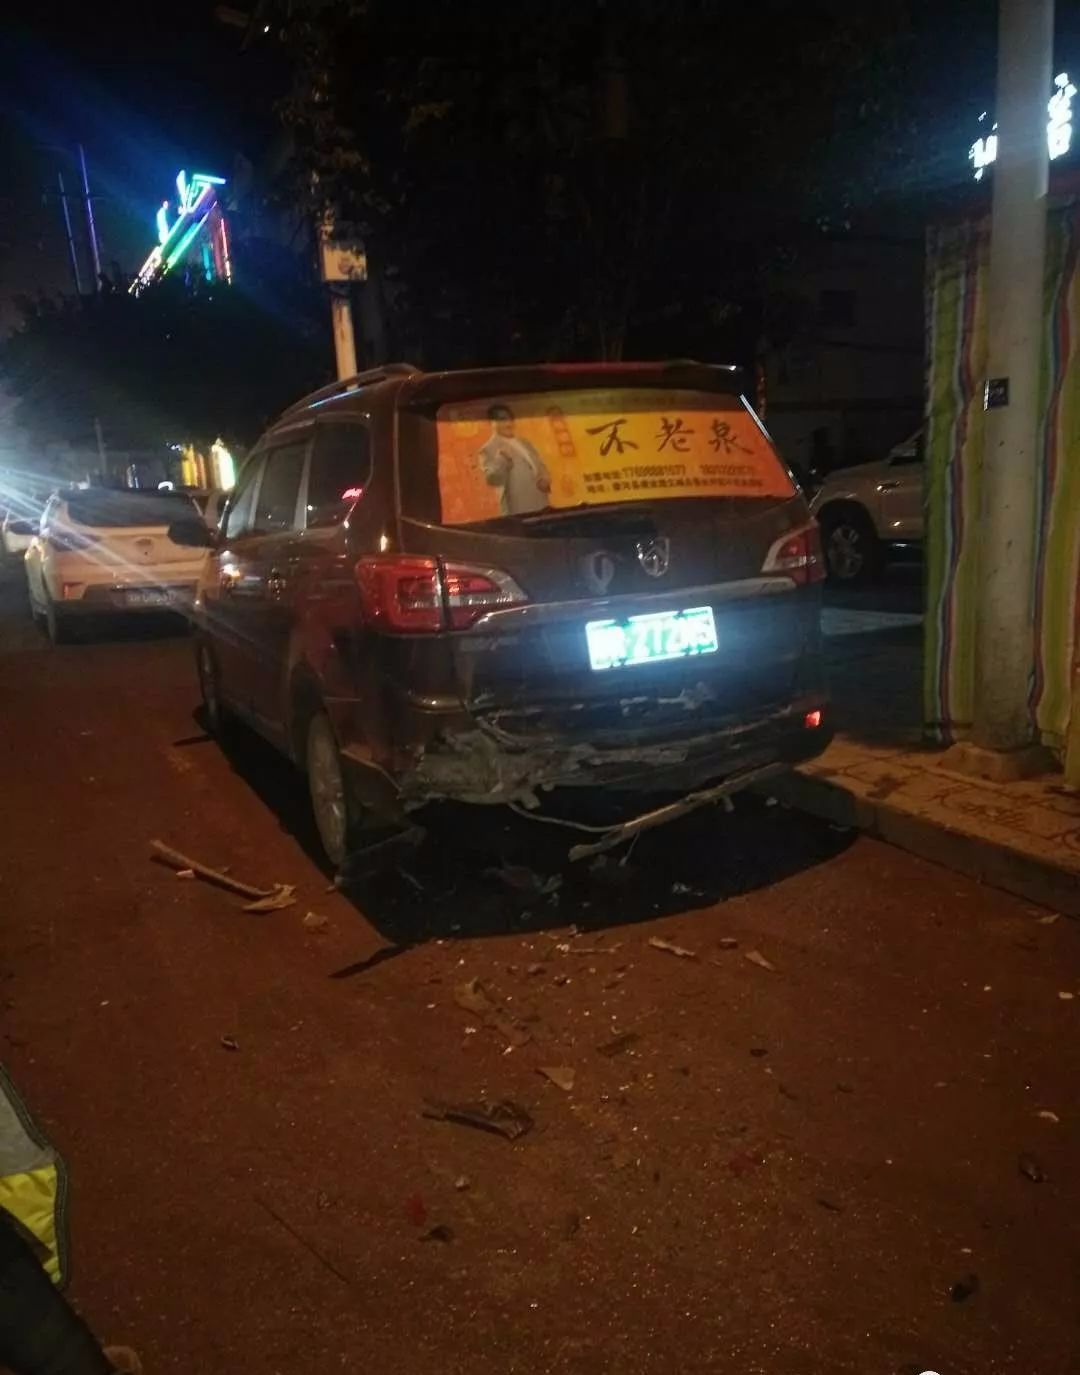 唐河建设路发生车祸,一辆奥迪连撞数车,现场惨烈!图片